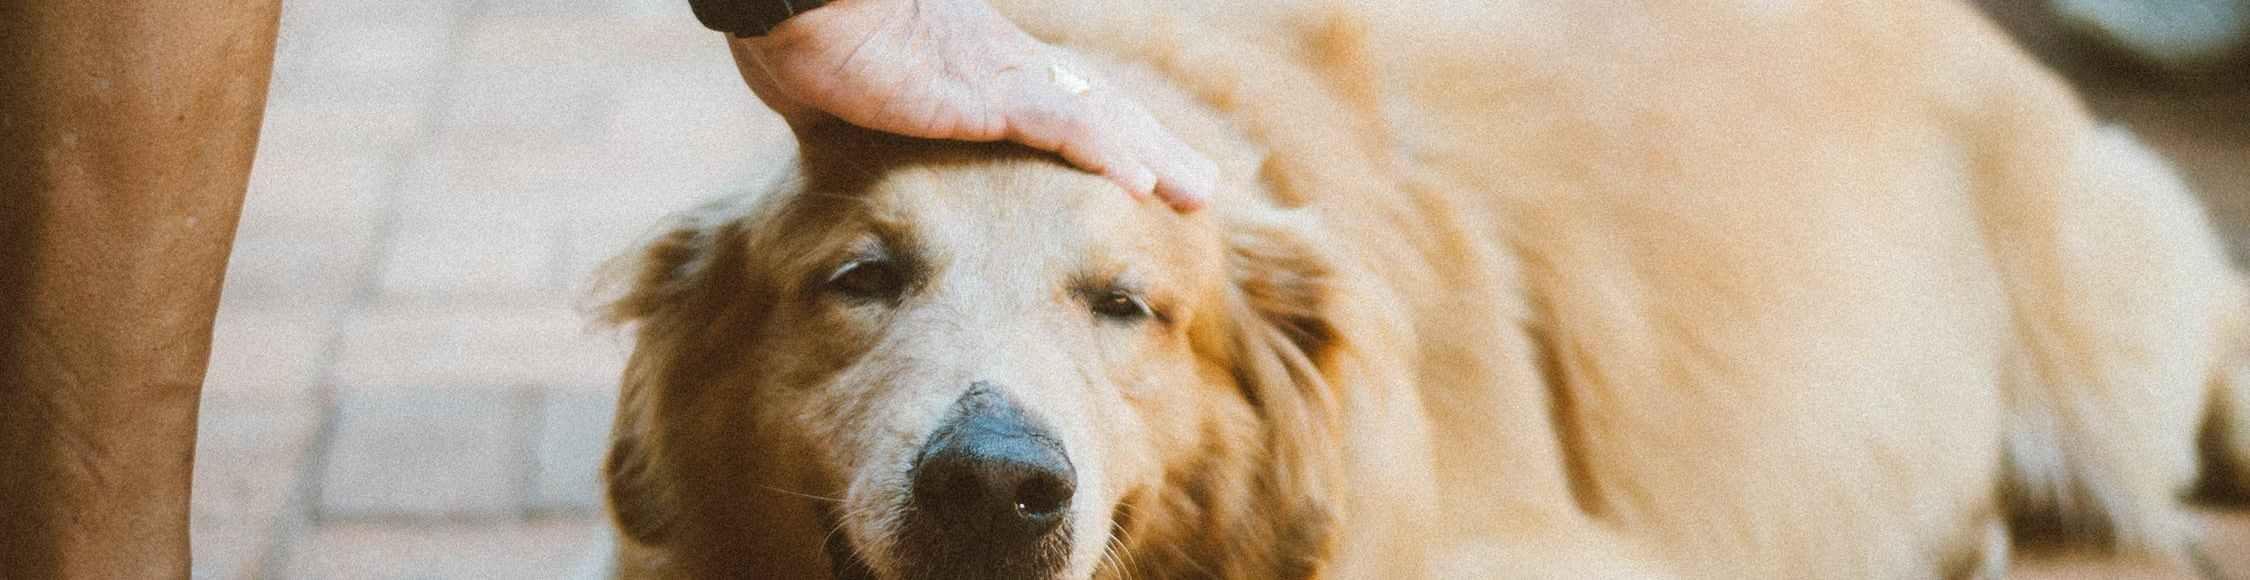 Die Herzwurmerkrankung bei Hunden - Symptome und Behandlung